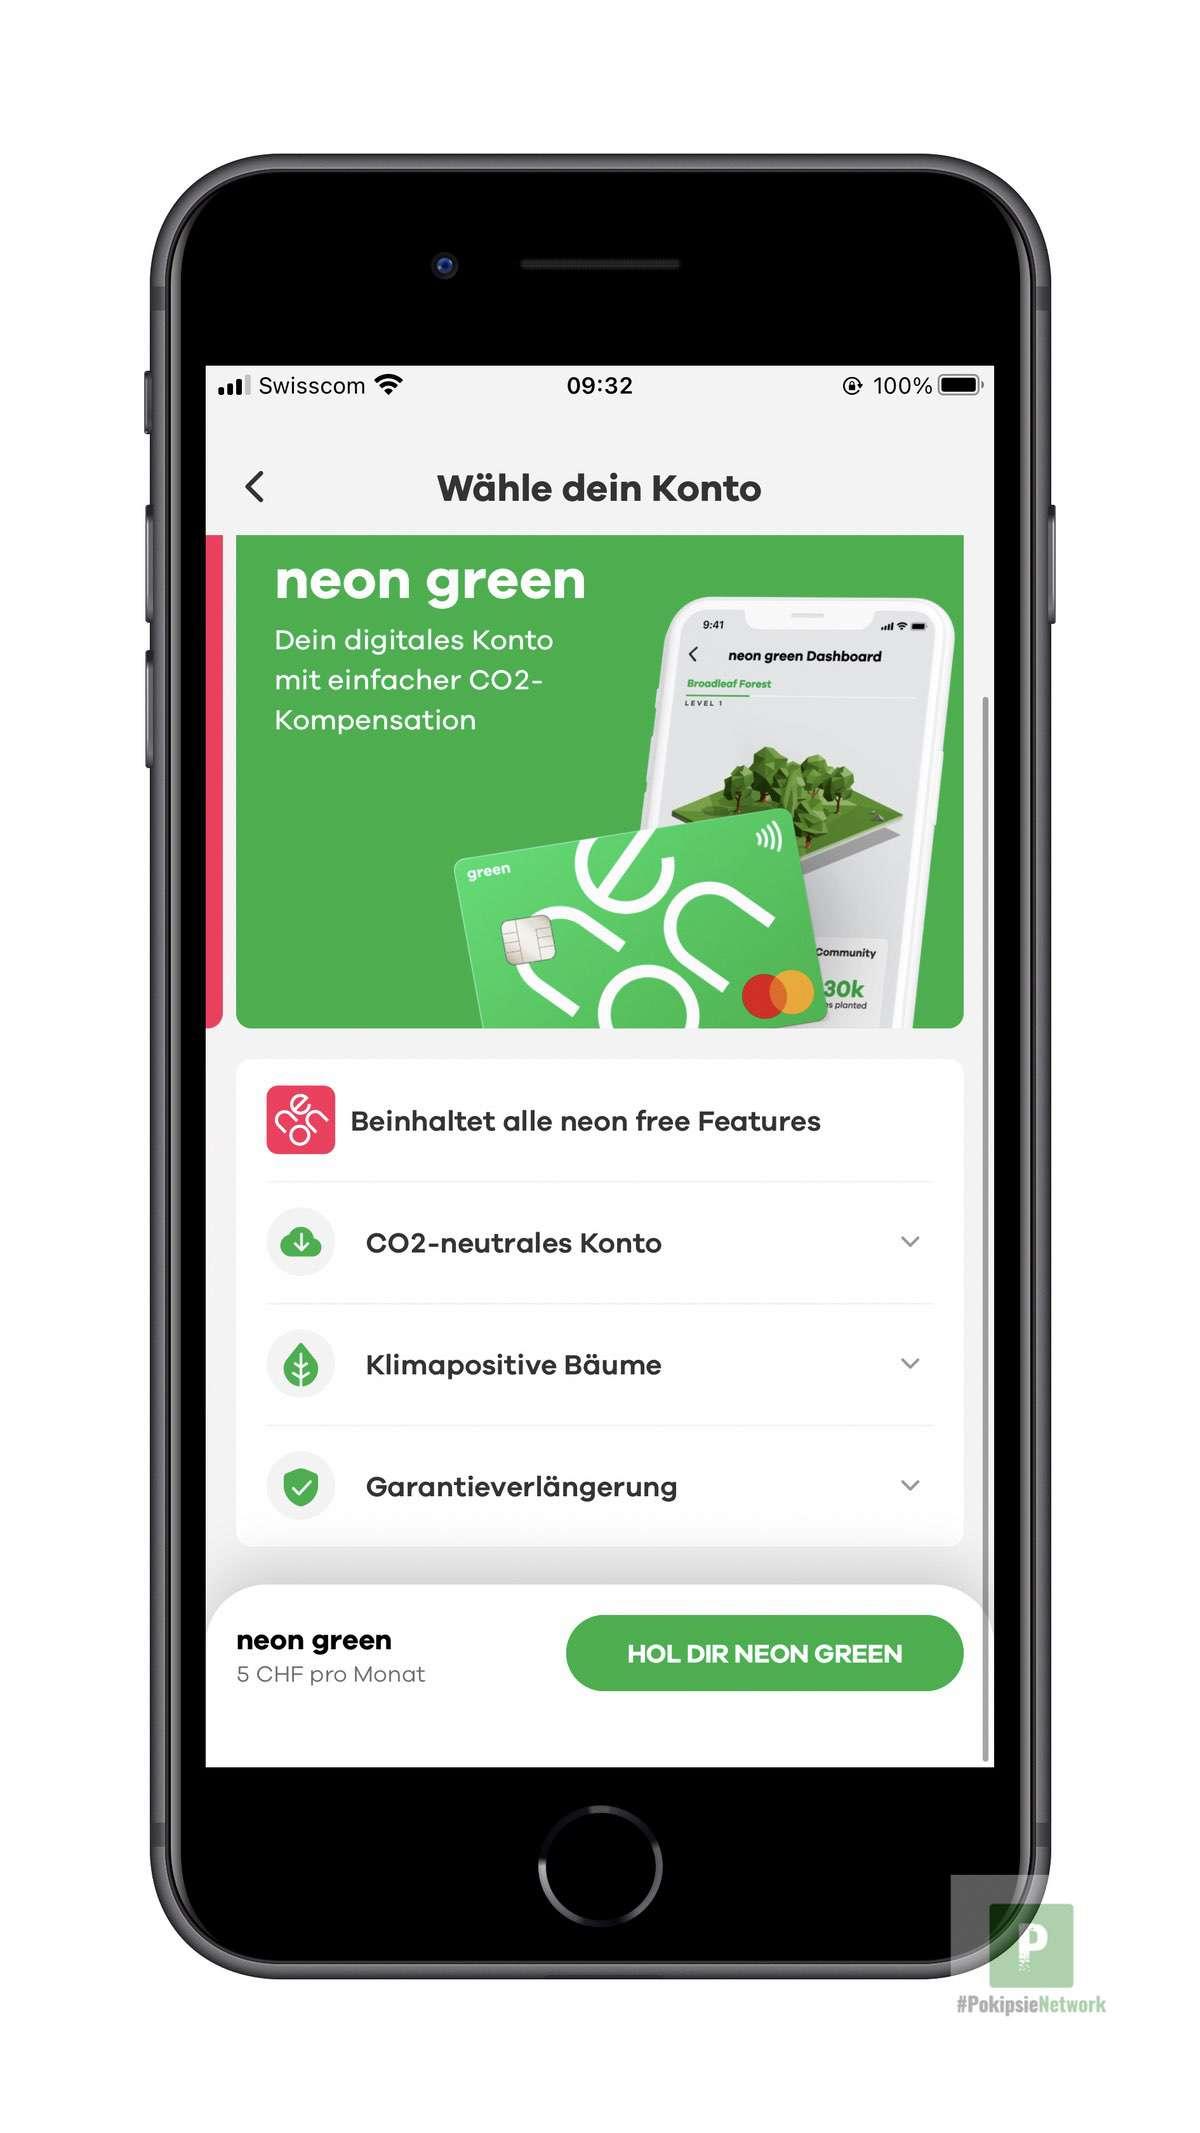 Neon Green – Fleissig neue Bäume Pflanzen